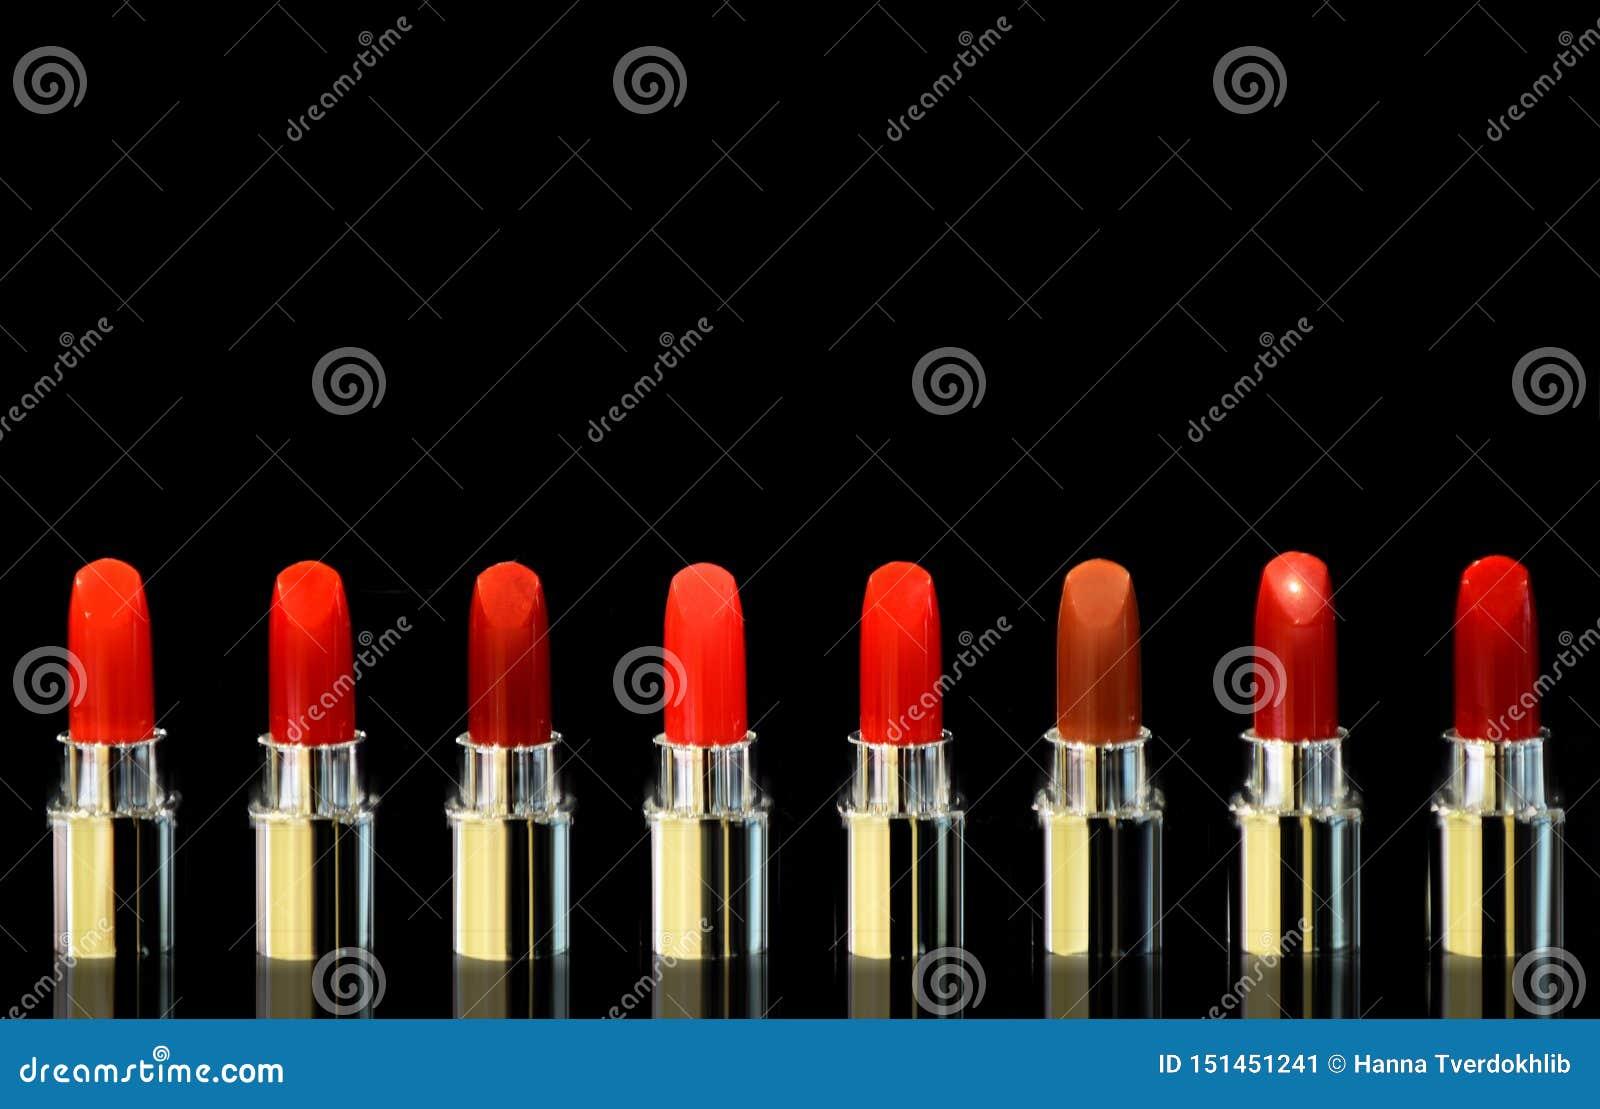 Geschoten van rode lippenstiften van verschillende kleur Op zwarte achtergrond Schoonheidsmiddelenconcept Mooie Luxe Moderne Hoog